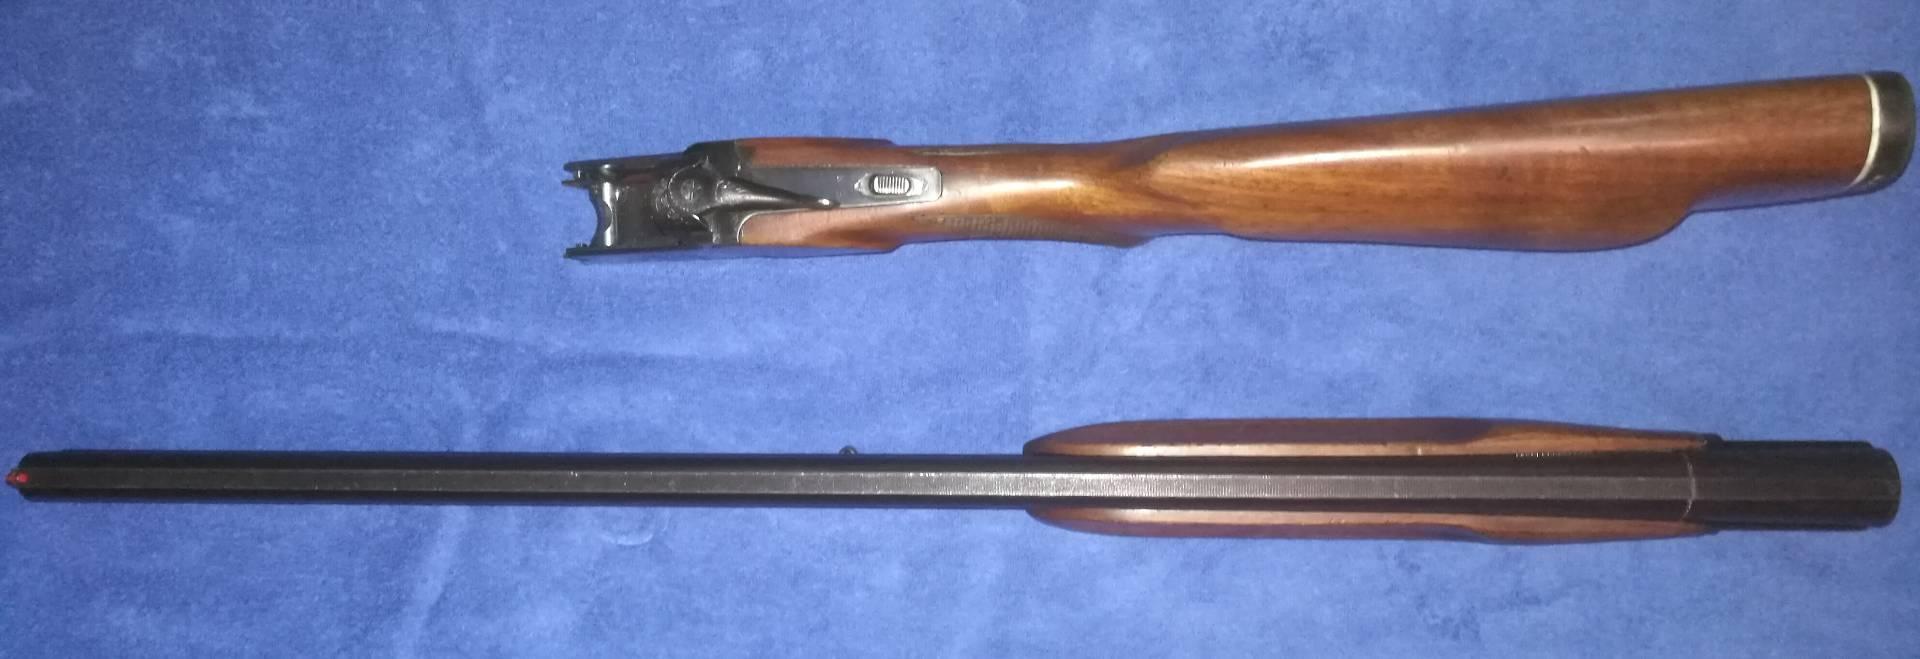 Охотничье двуствольное ружье тоз-120 спаренными стволами. одноствольное охотничье ружье тоз-119. охотничьи ружья тоз-120 и тоз-119